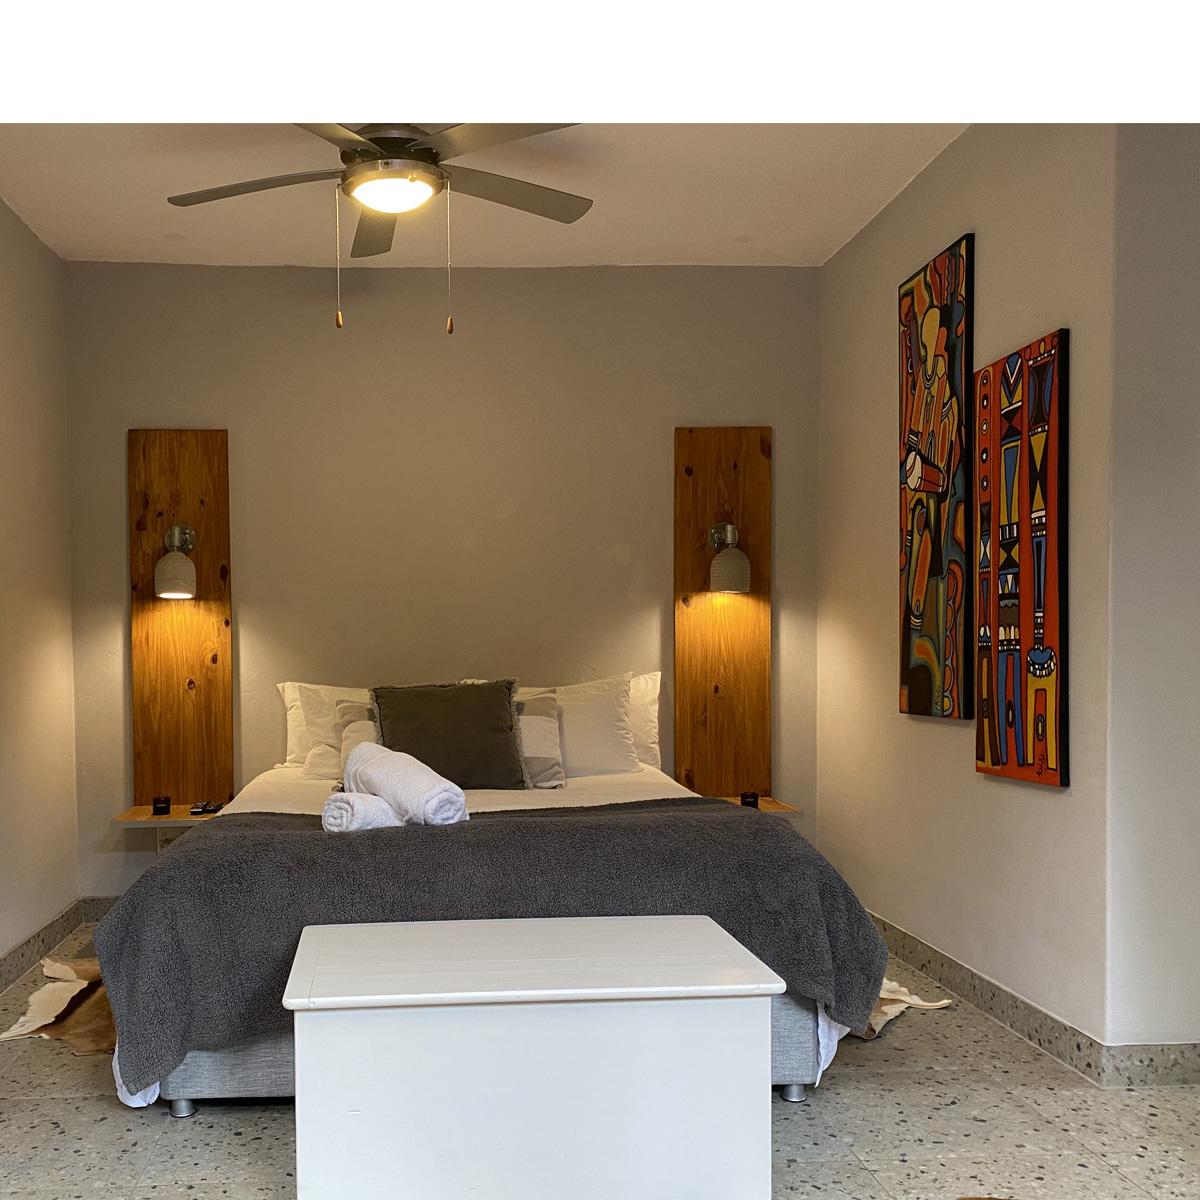 khanyakude-ekhaya-bedroom